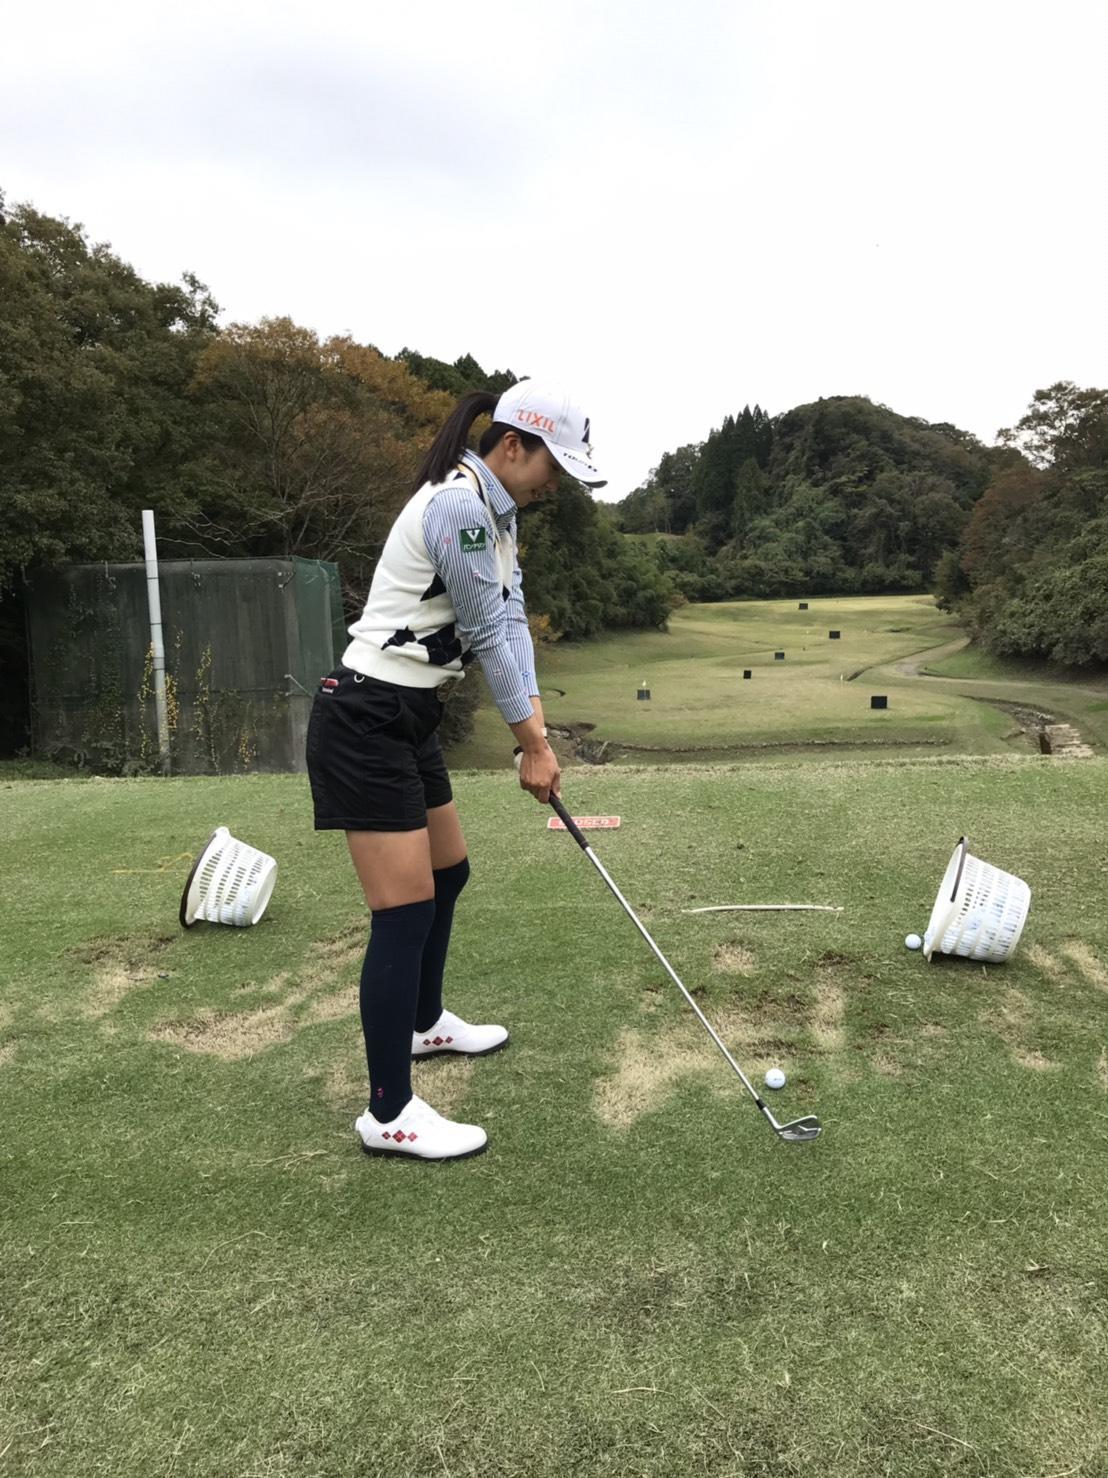 https://www.bs-golf.com/pro/703bb493454d3a541f749c55a24c3adc2288d9a1.JPG